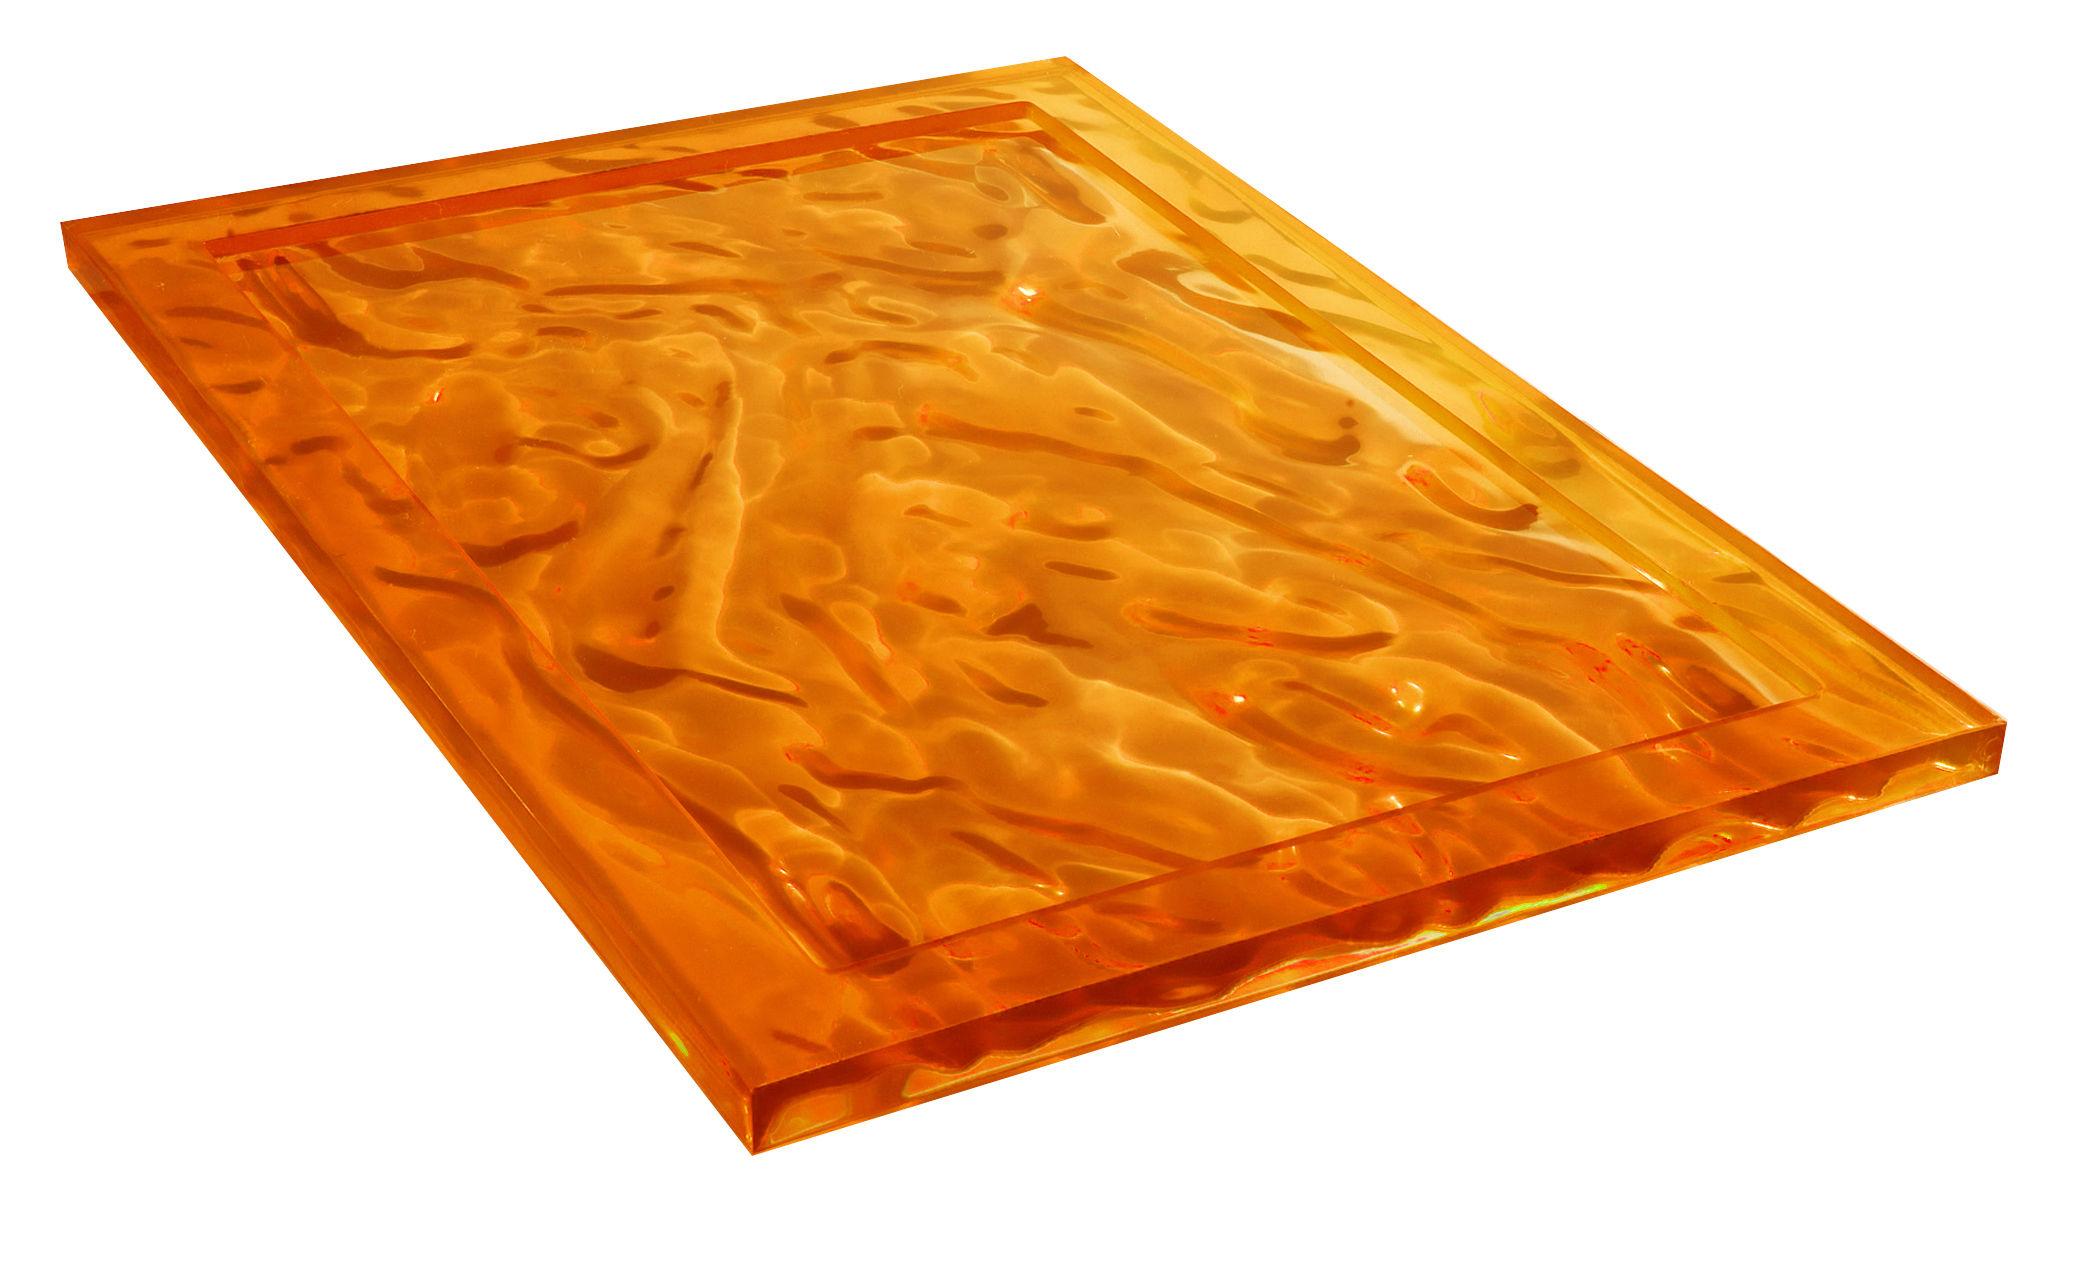 Arts de la table - Plateaux - Plateau Dune Small / 46 x 32 cm - Kartell - Orange - Technopolymère